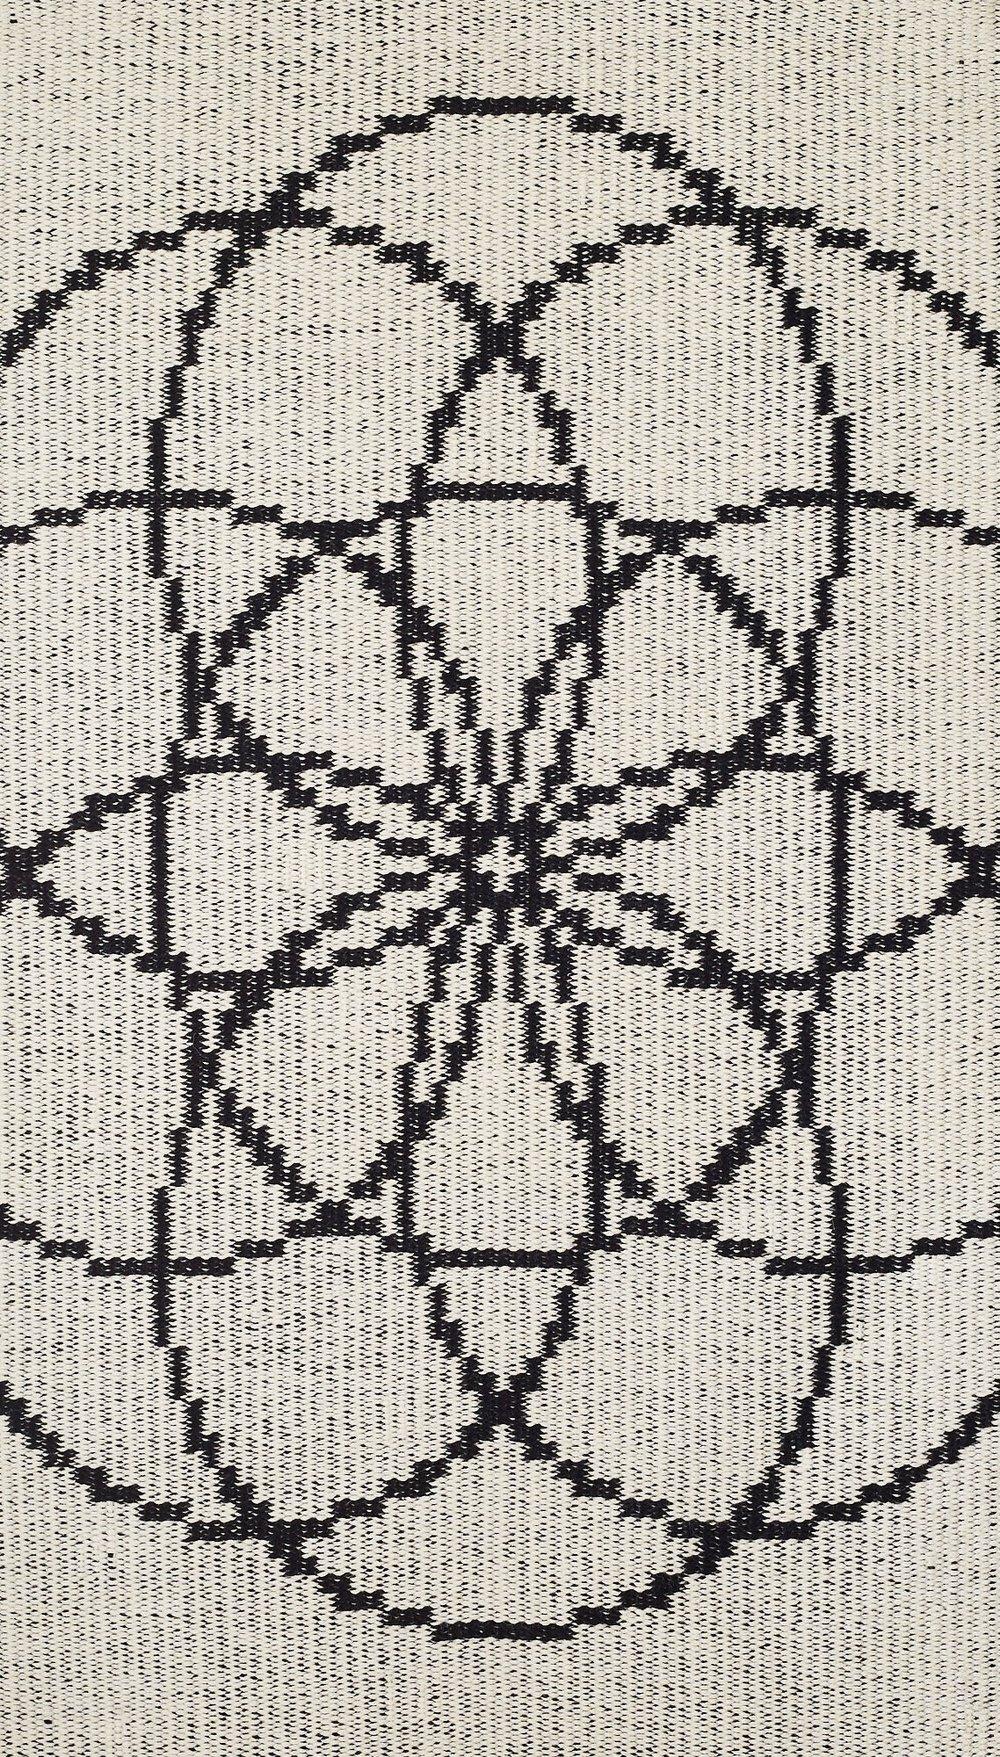 JJ0136  Wool & linen. 114 x 186 cm.